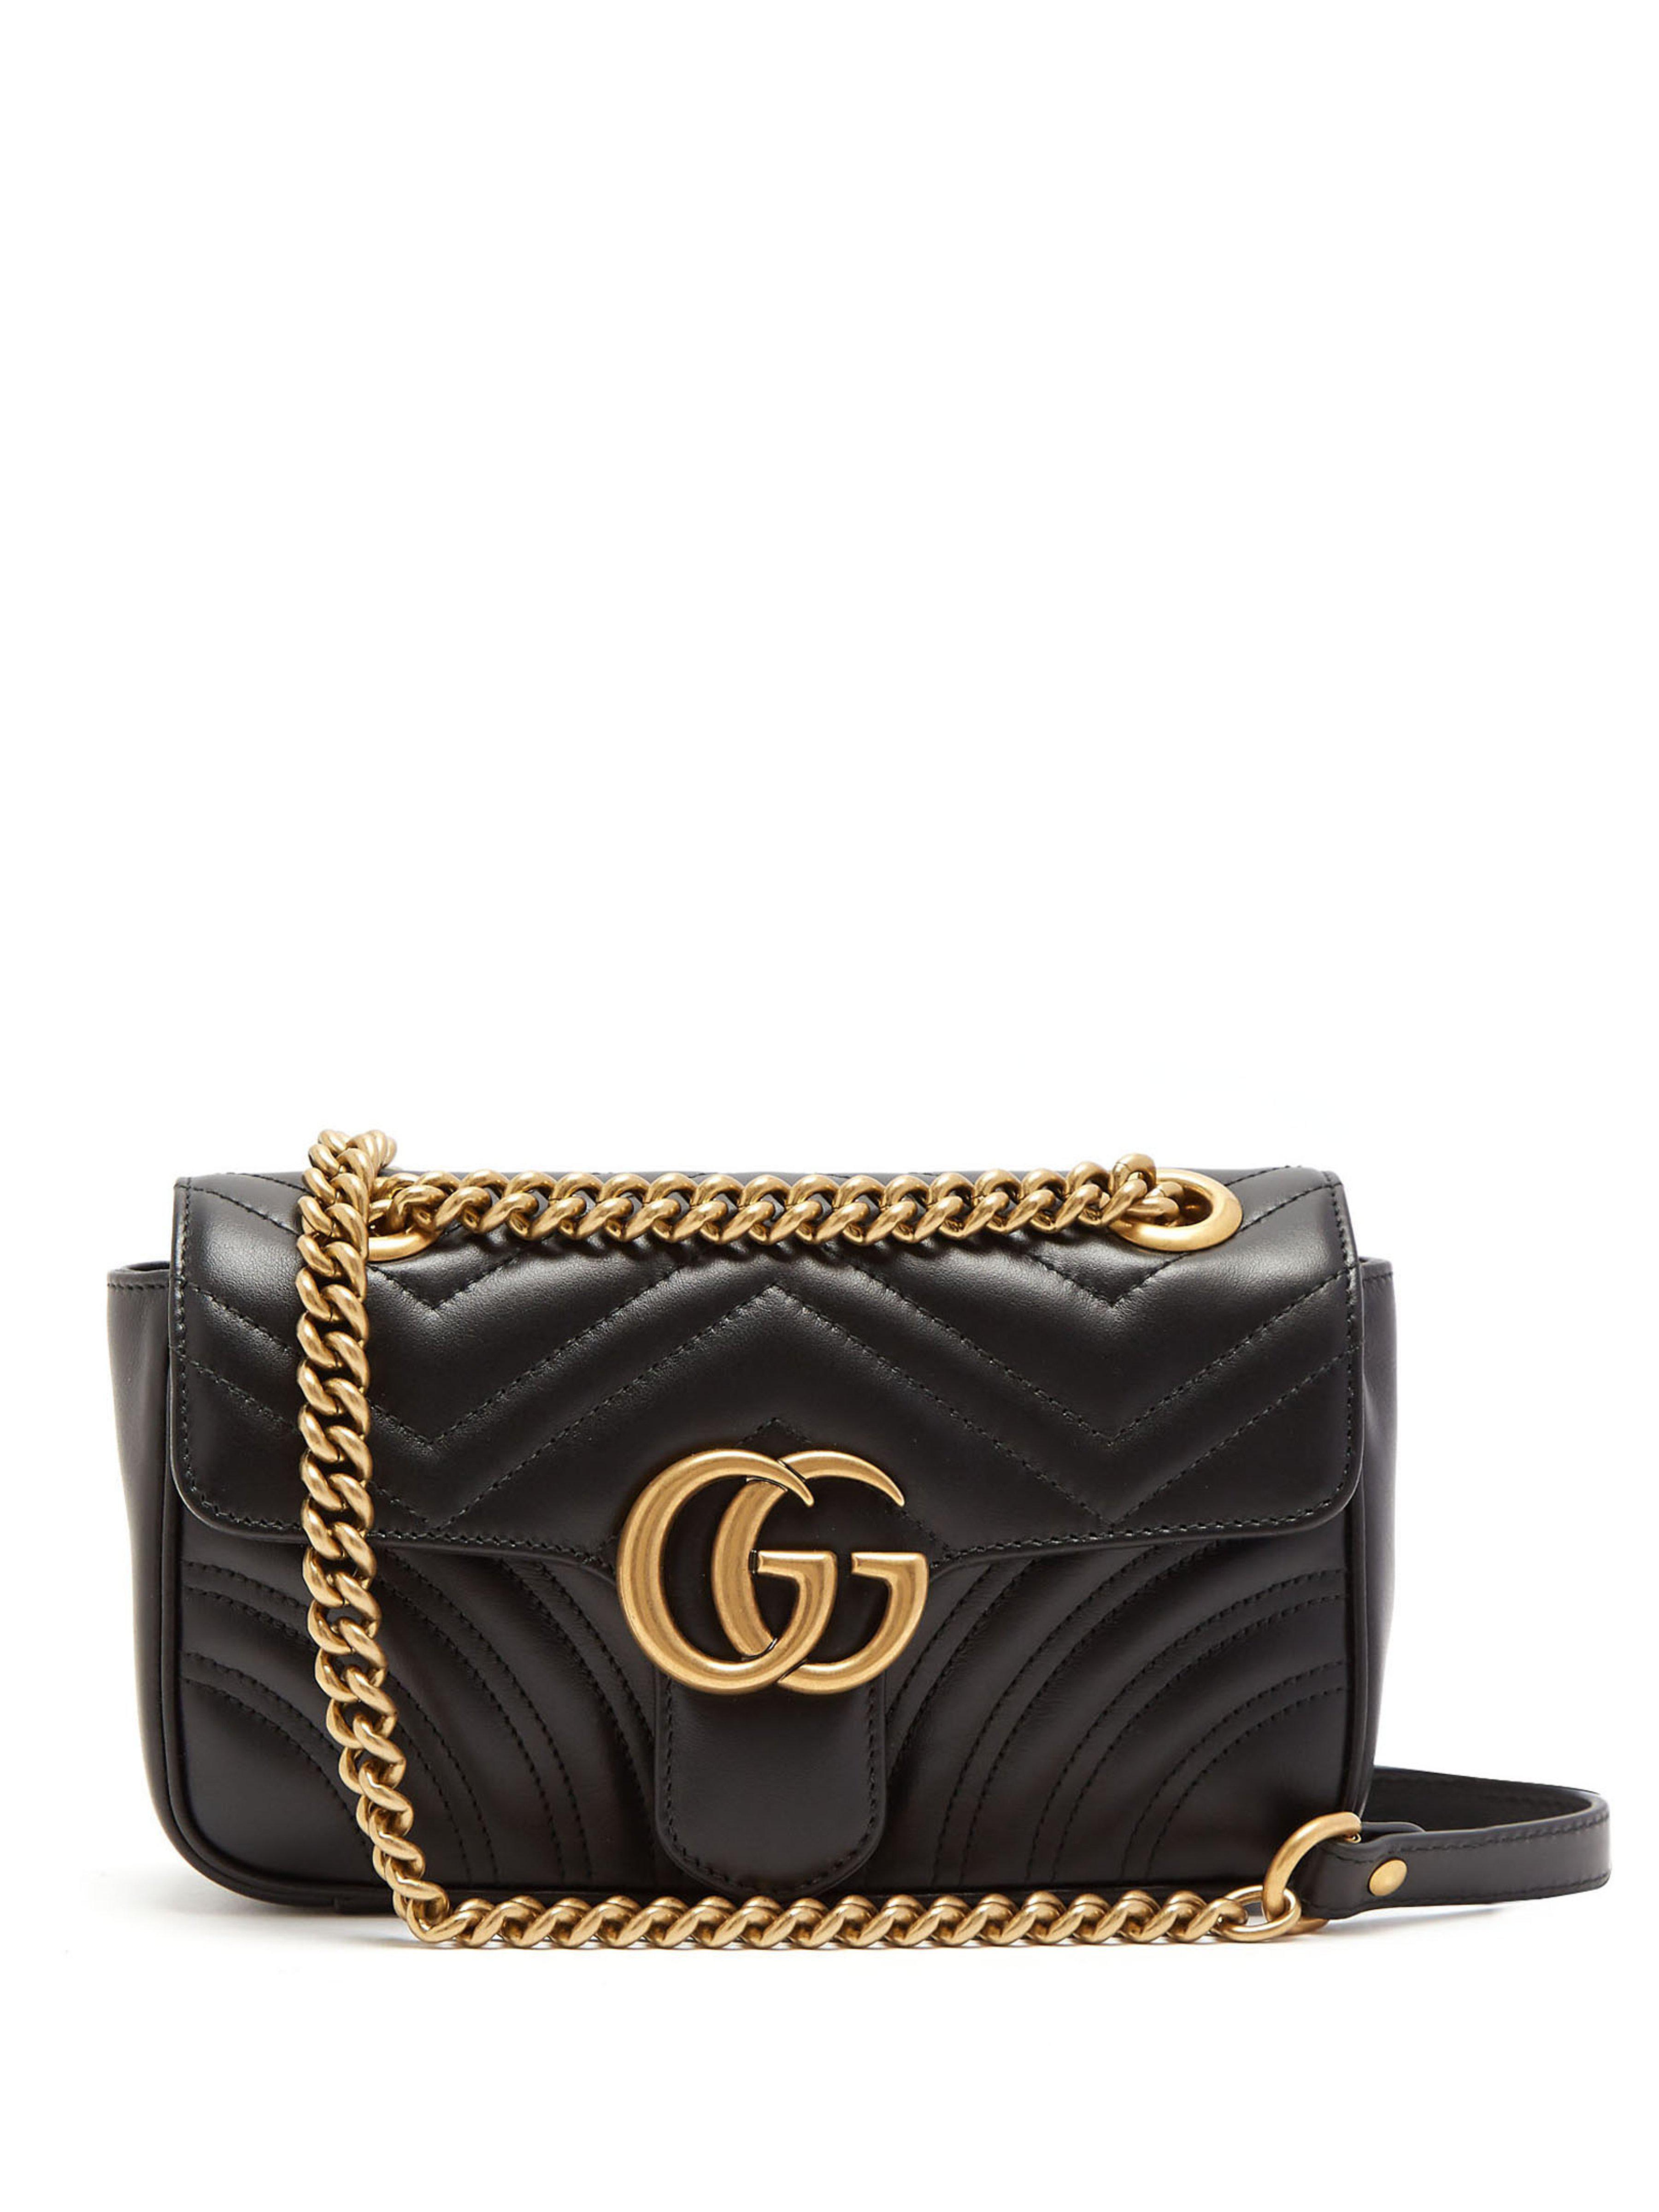 6a8a234f80f Gucci. Sac à bandoulière en cuir GG Marmont Medium femme de coloris noir